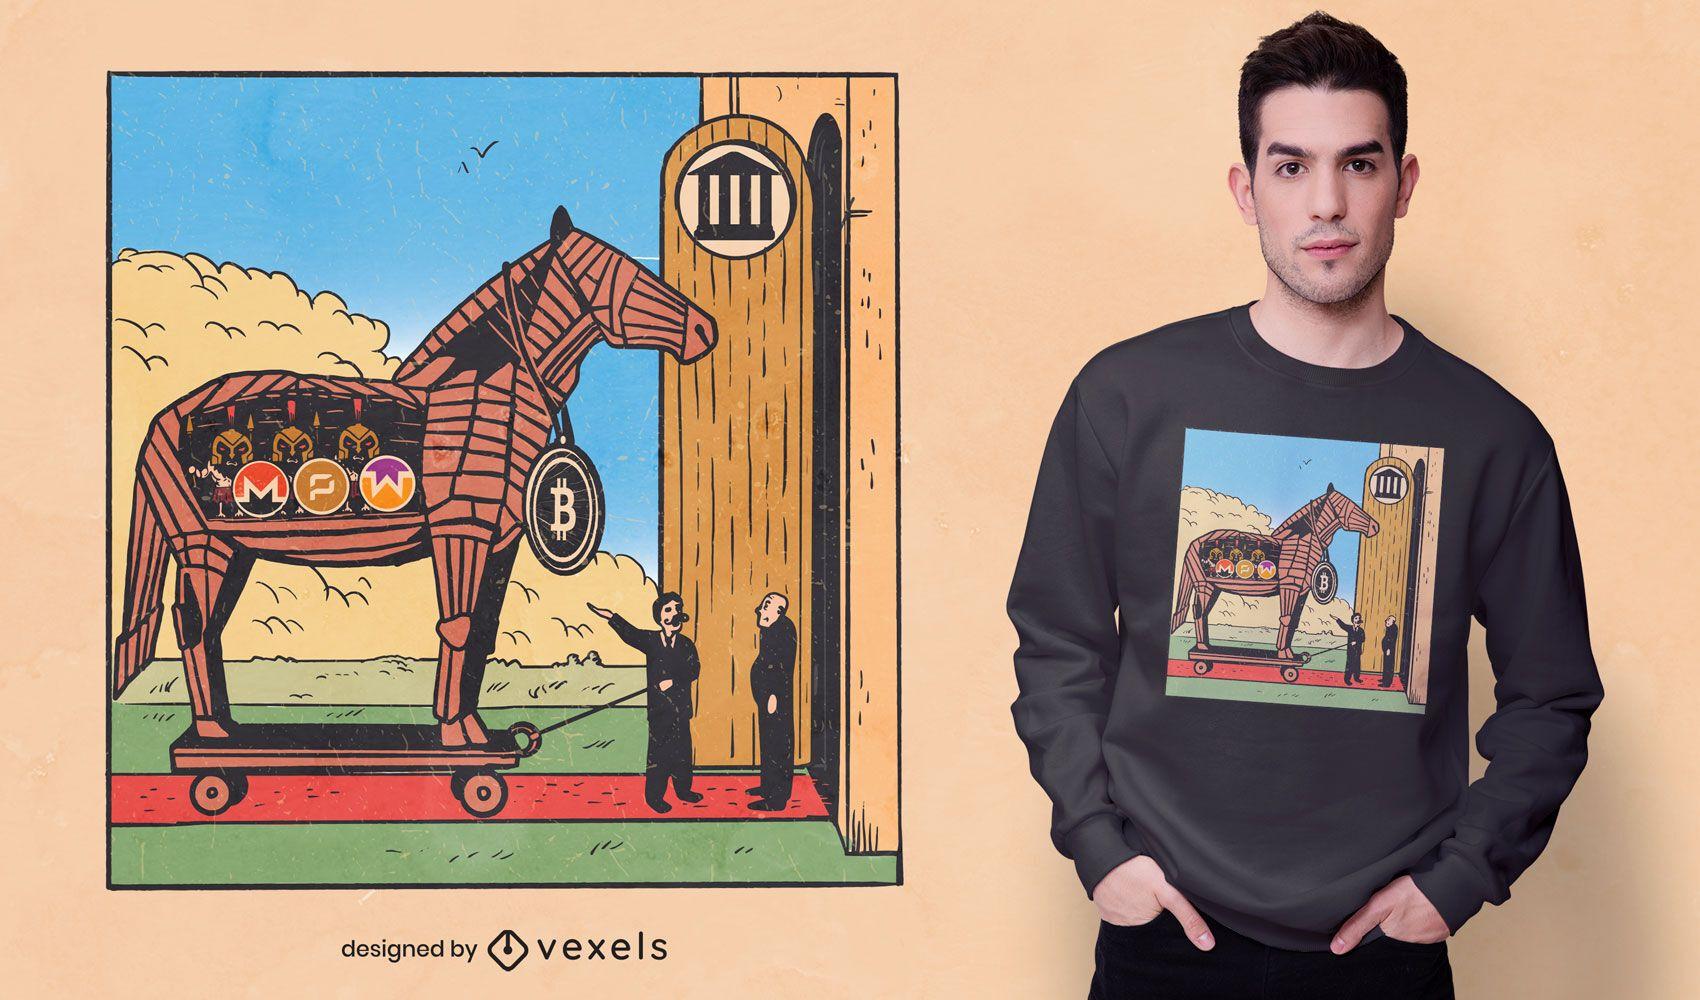 Bitcoin trojan horse t-shirt design